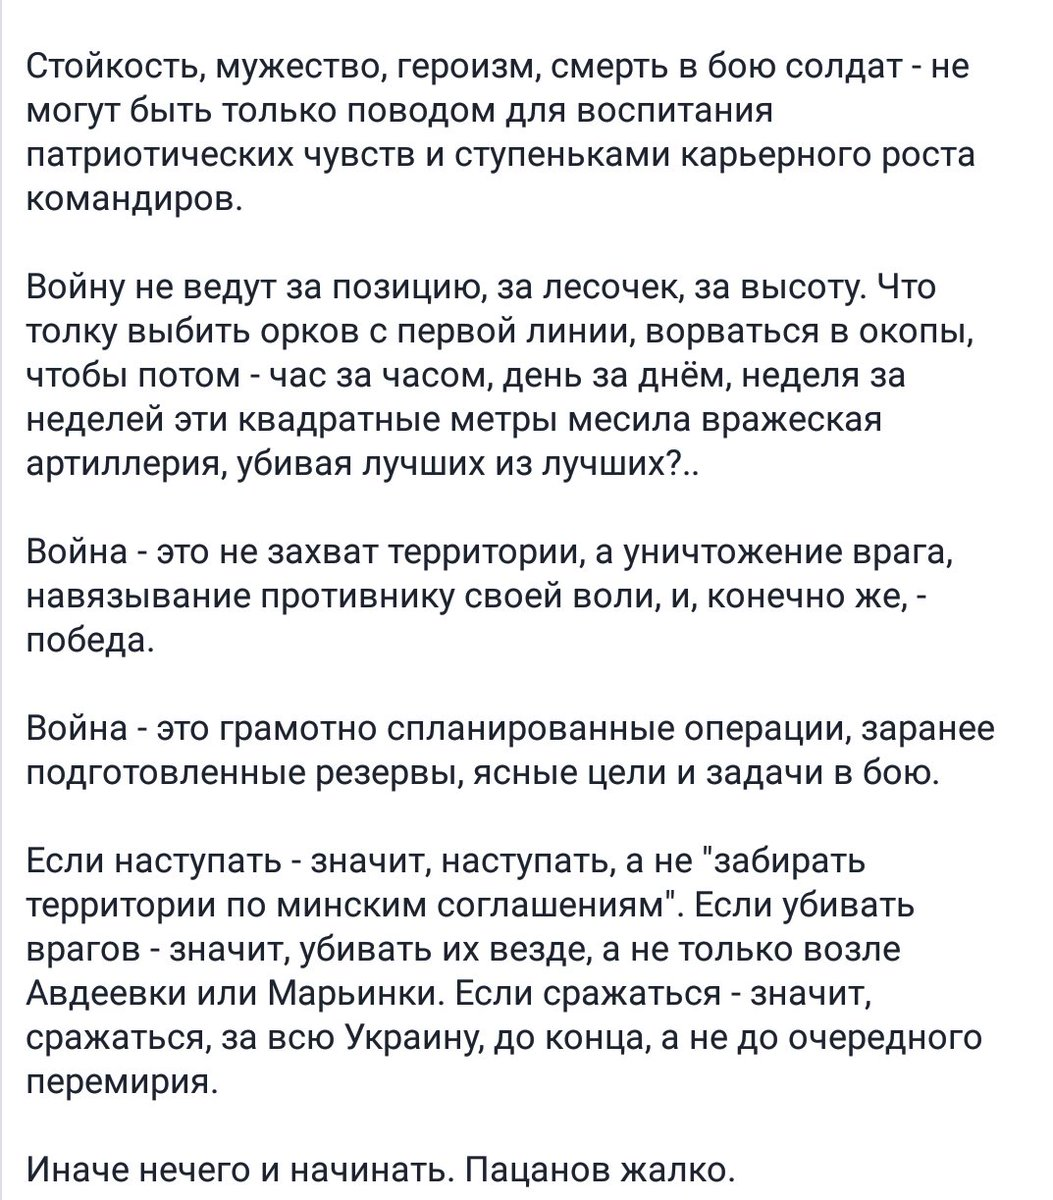 ОБСЕ: Ремонт Донецкой фильтровальной станции будет проходить под наблюдением представителей СММ - Цензор.НЕТ 929